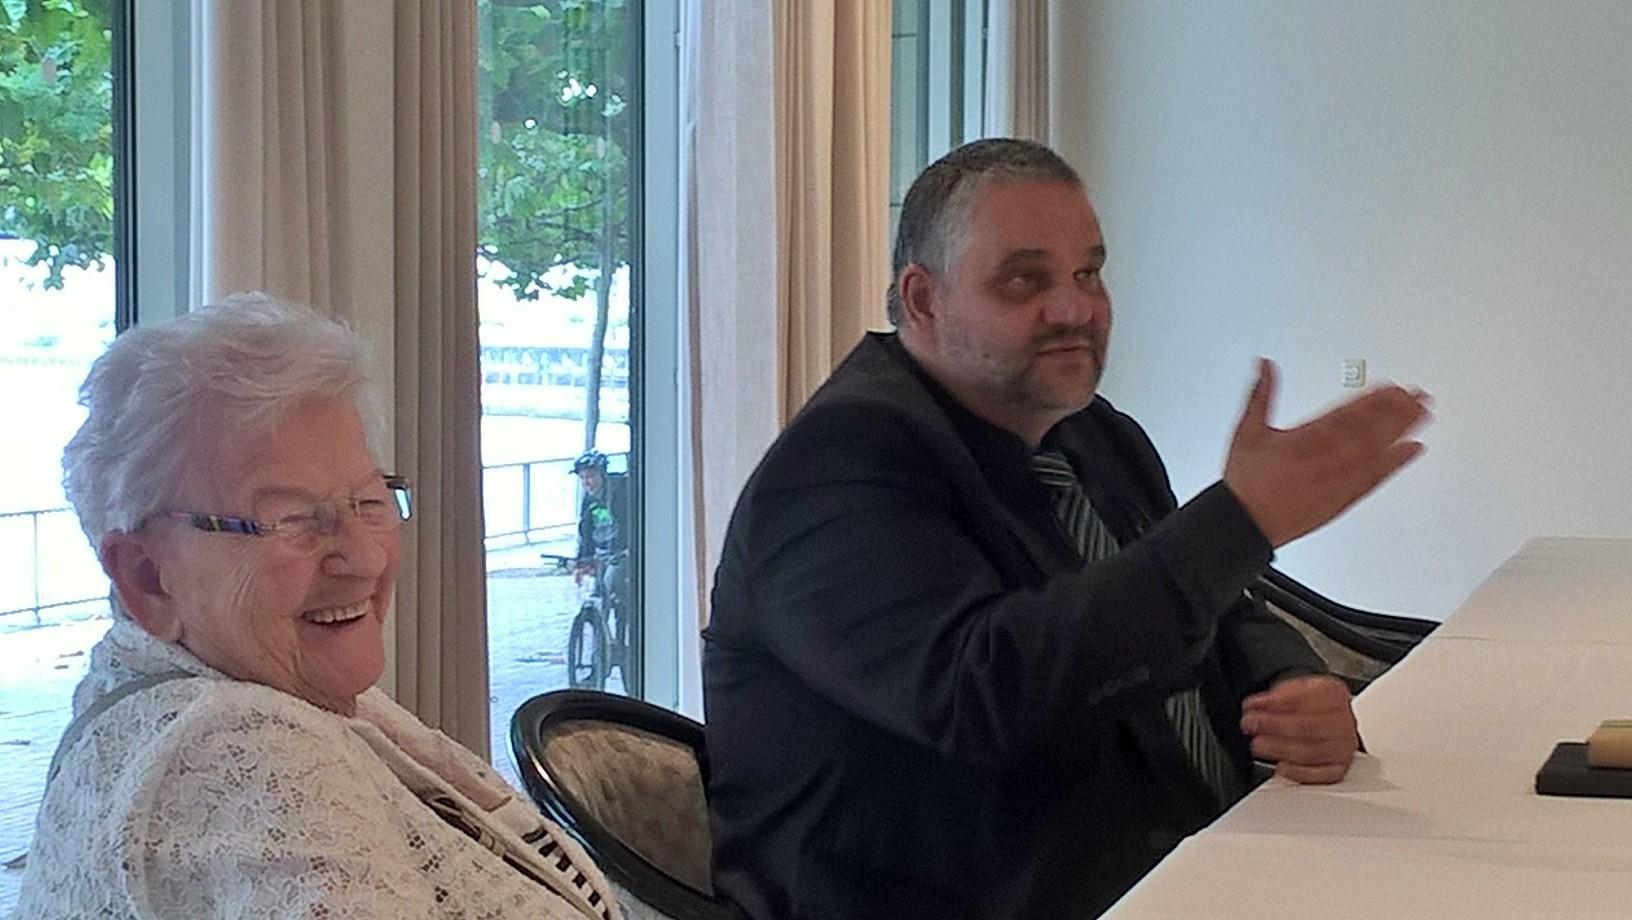 Grüne 60+ zu Gast bei Oliver Keymis im Landtag